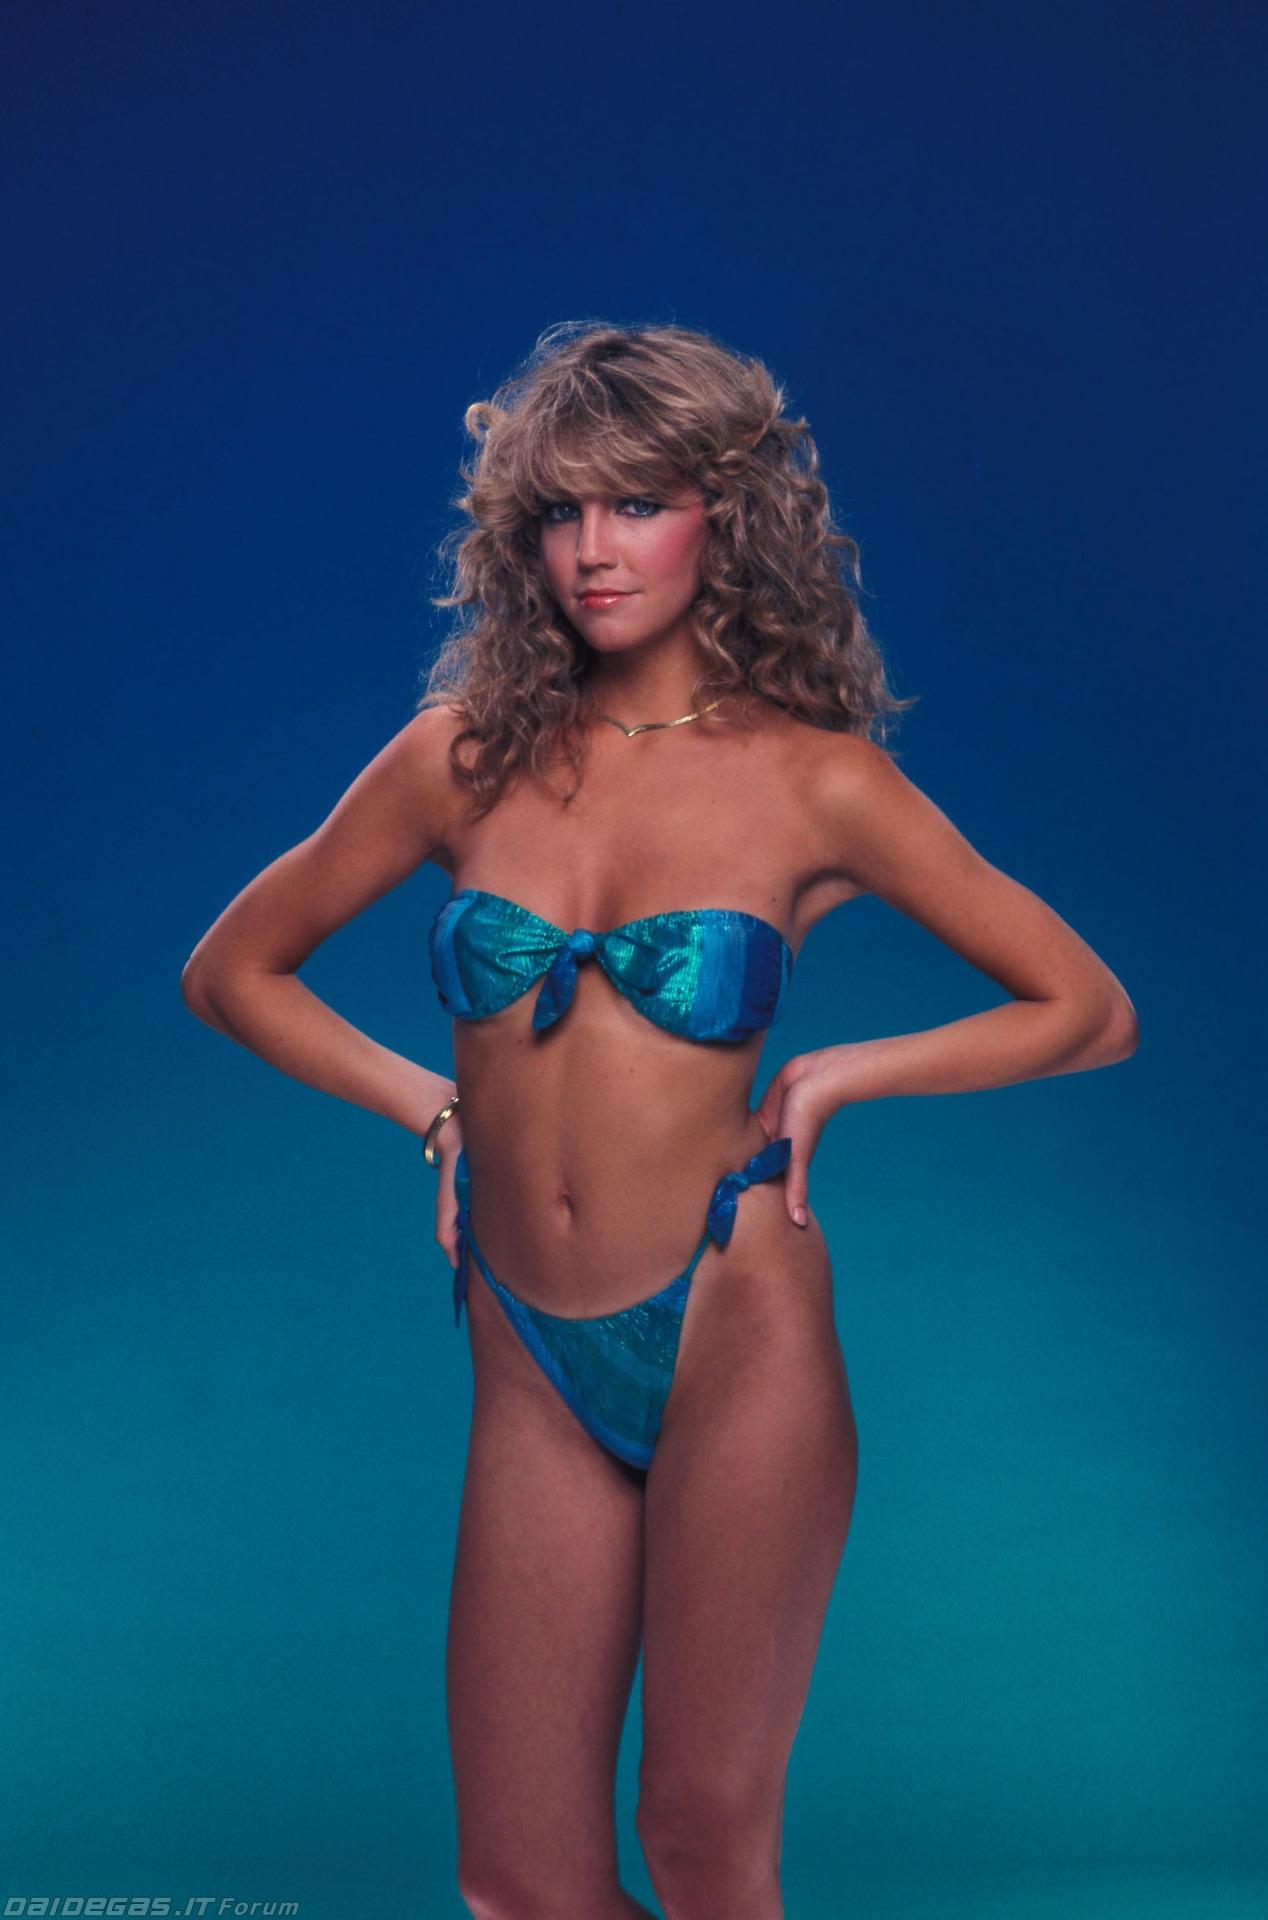 Amy lynn lee bikini